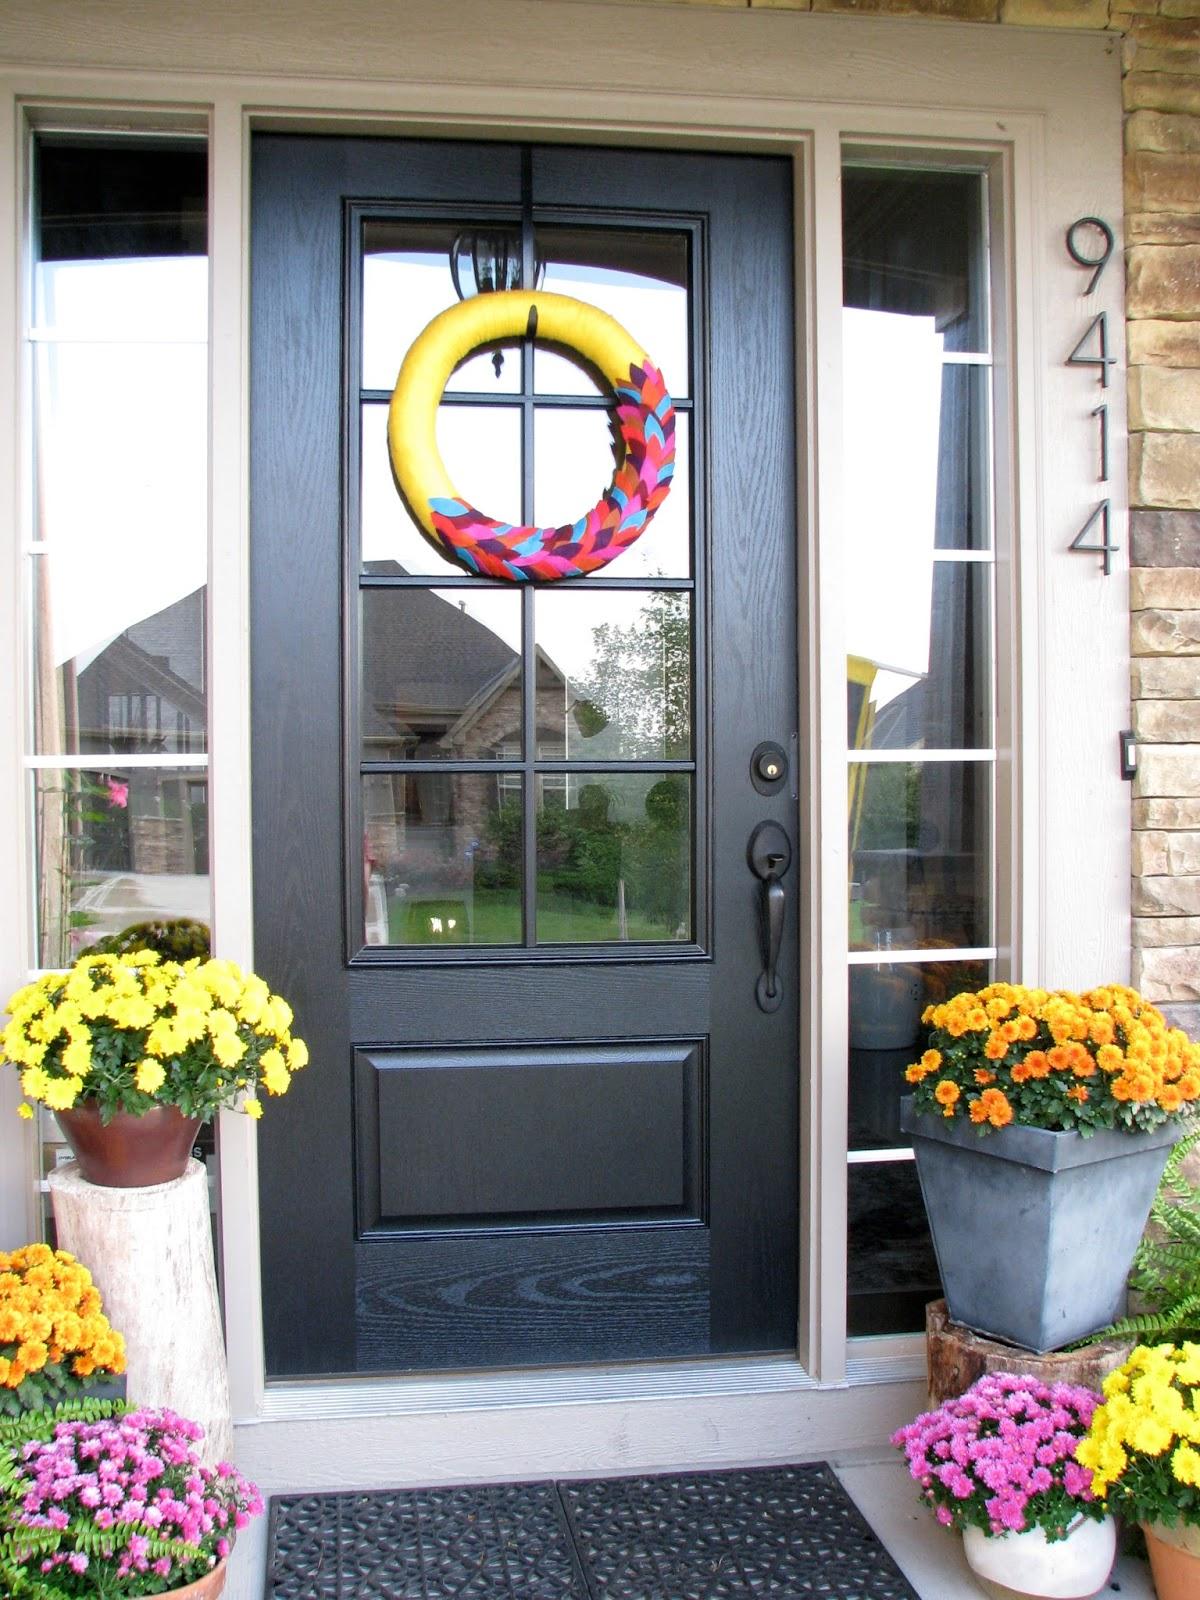 Life Love Larson: New Glass Panel Front Door